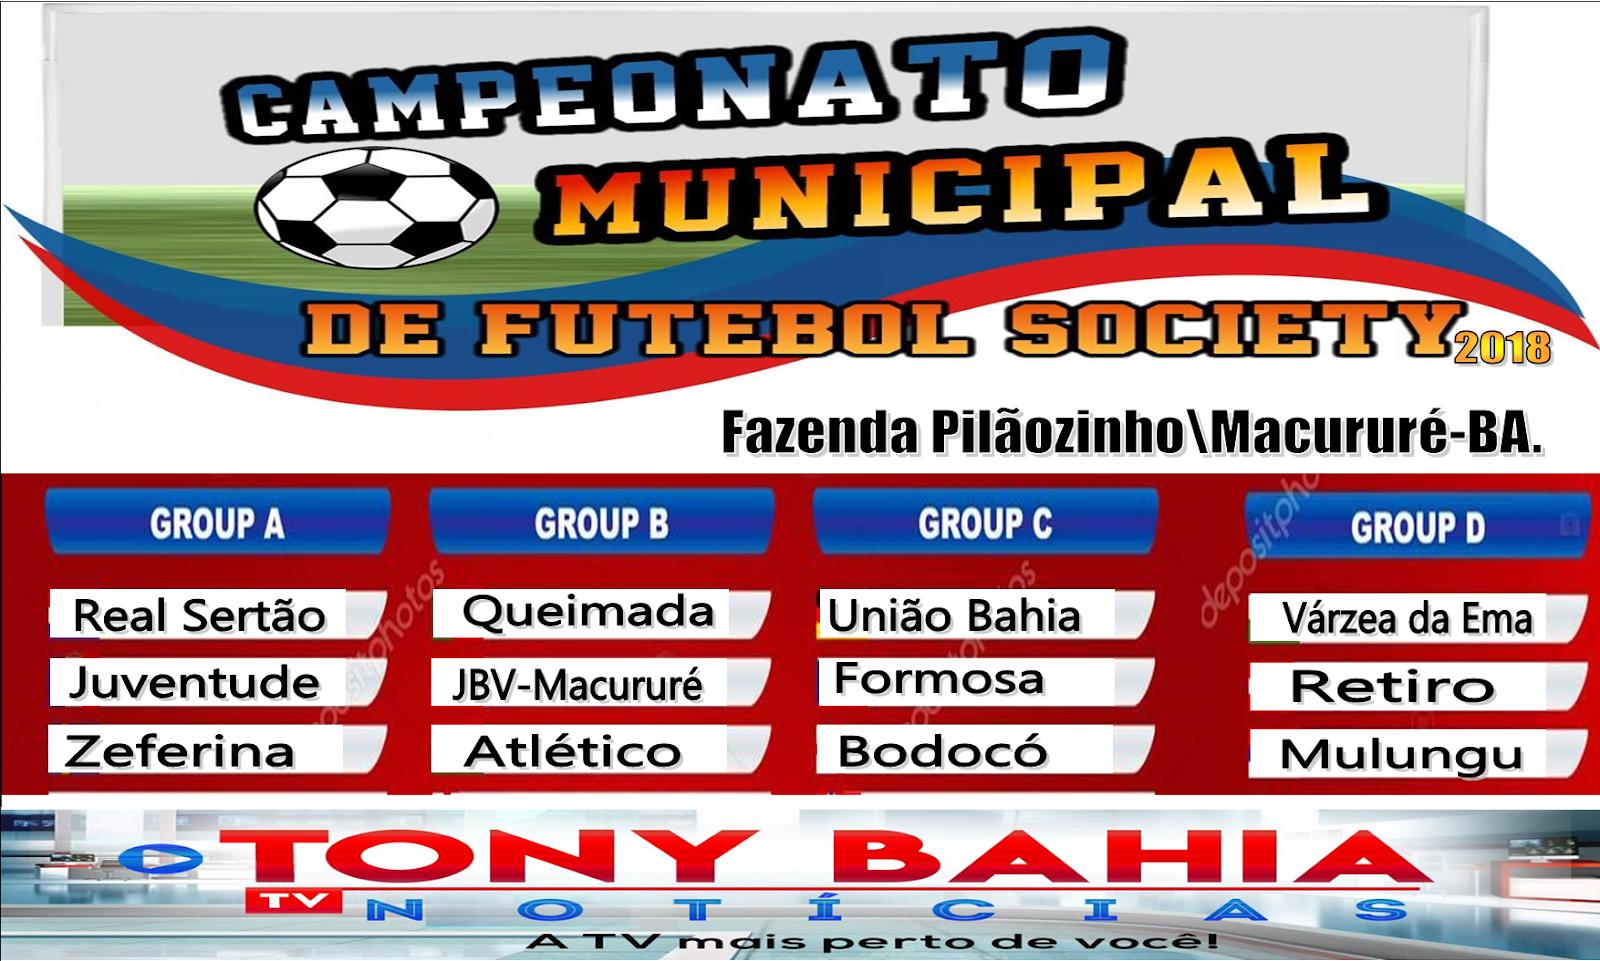 Campeonato de futebol Society 2018.